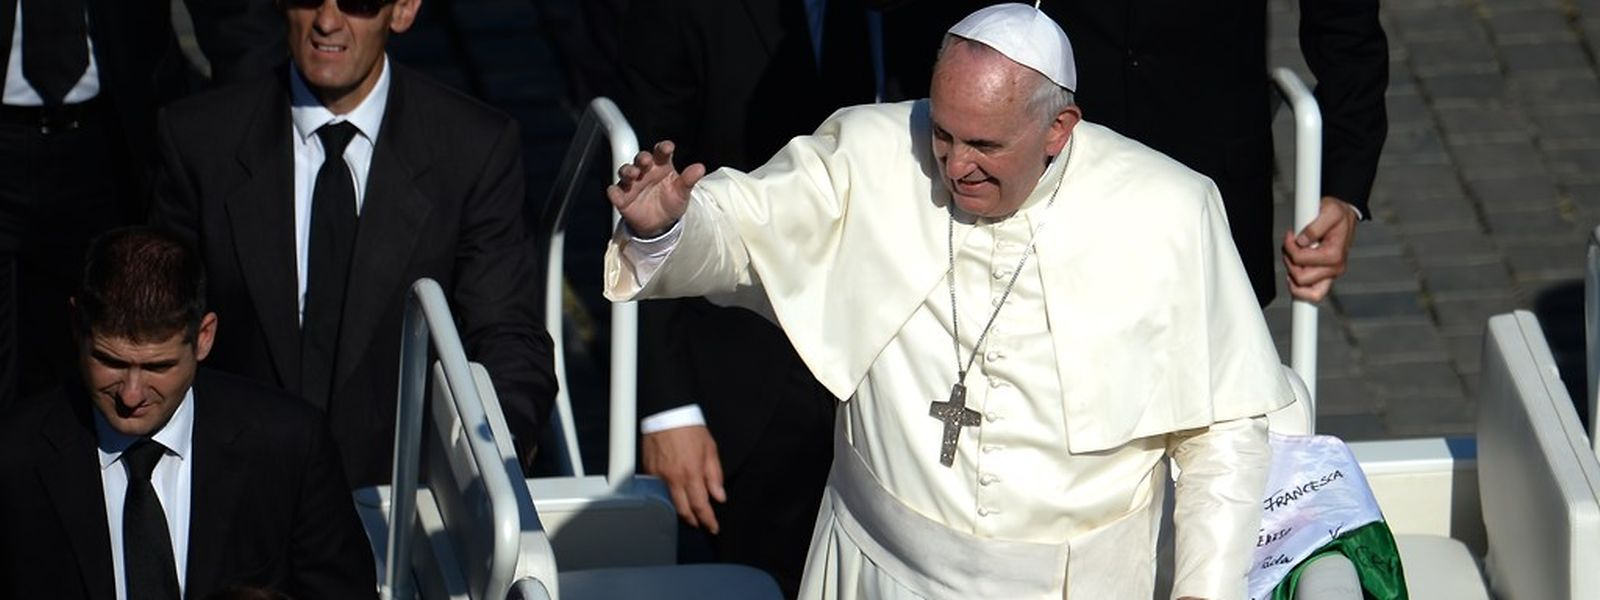 Die Synode ging am Sonntag mit der Seligsprechung von Papst Paul VI. zu Ende. Unter Applaus Zehntausender Gläubiger verkündete Papst Franziskus die Formel auf dem Petersplatz.